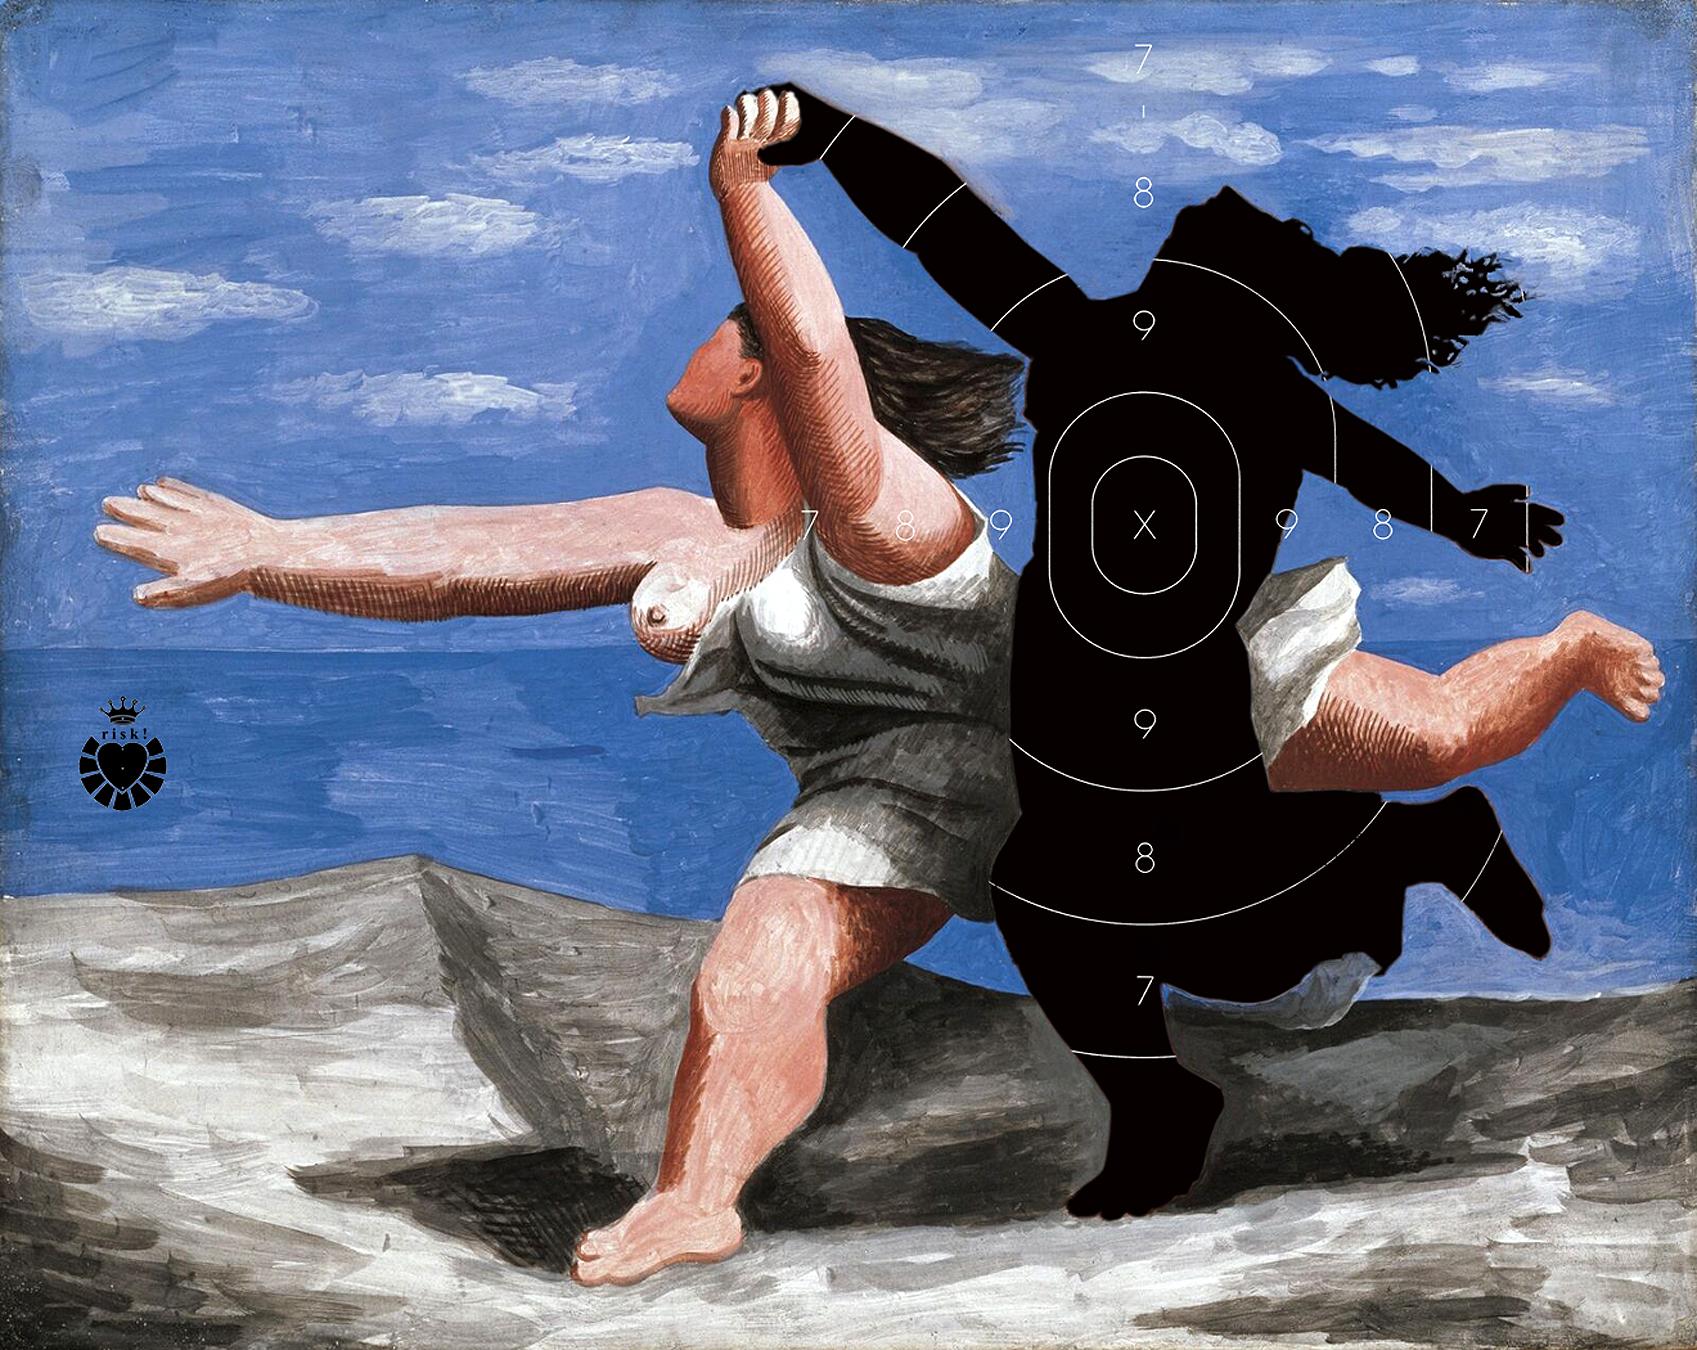 Picasso's Risk / 48 x 60